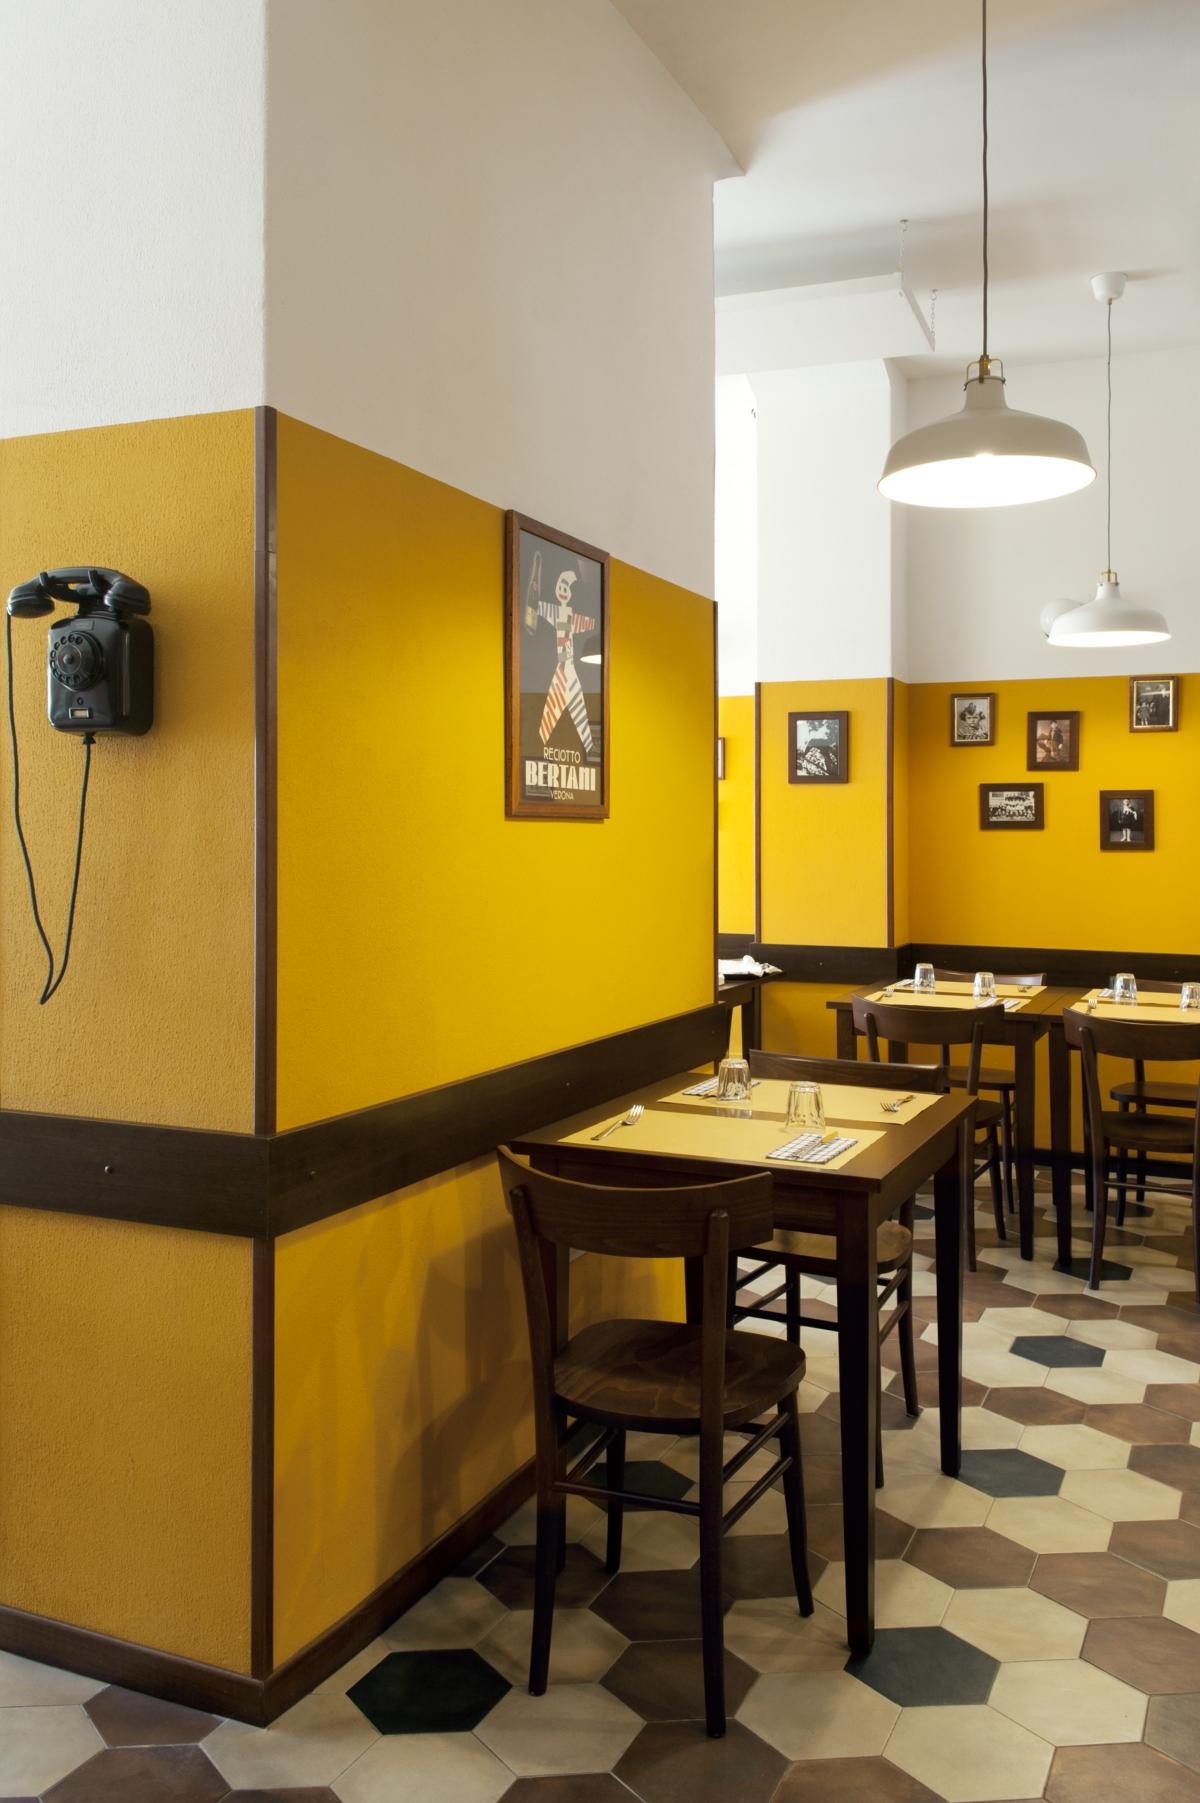 ristorante Trippa di Milano, trattoria old school interior design vintage 19